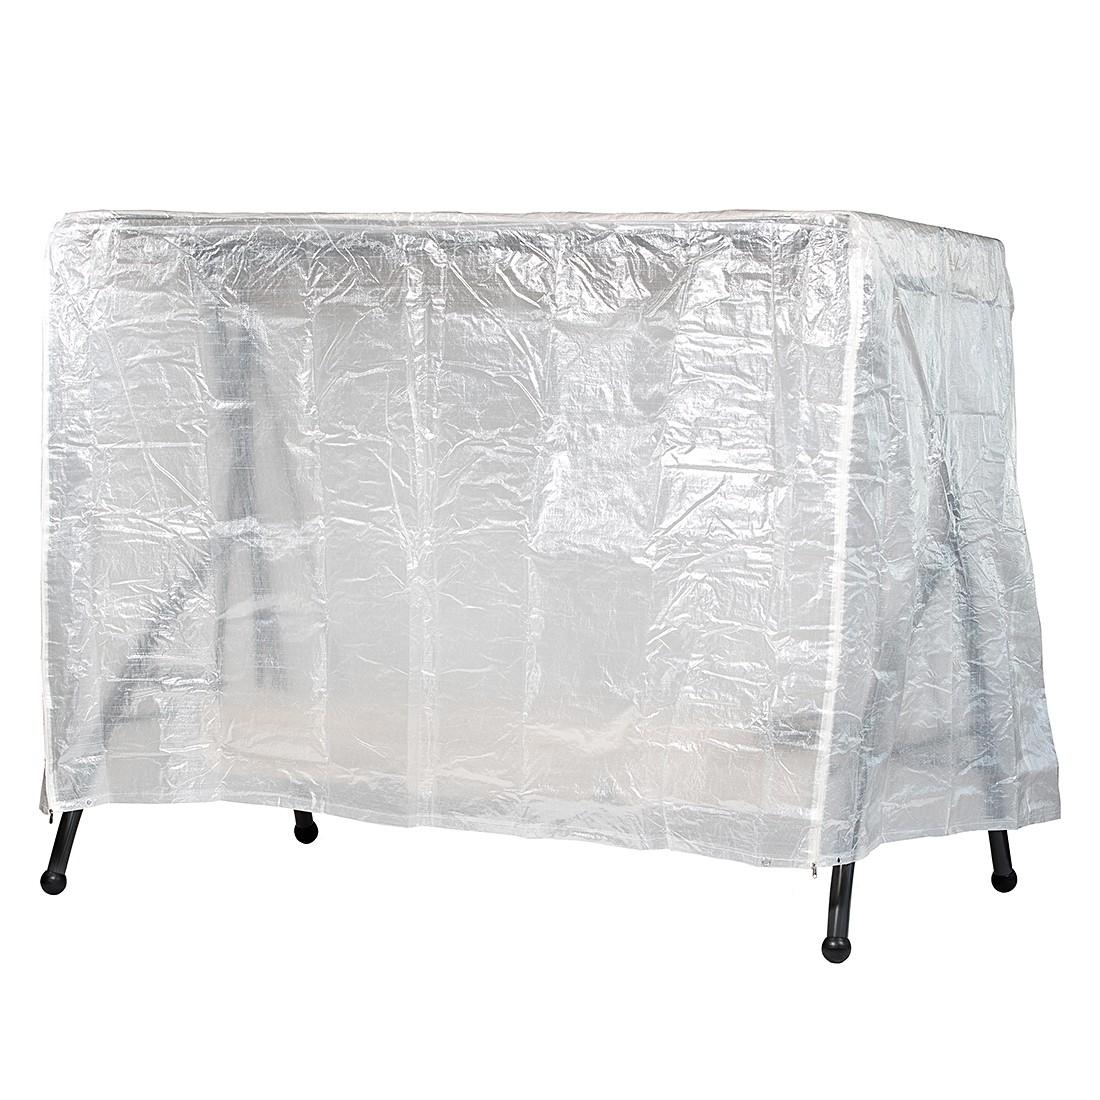 Home 24 - Sac de protection classique pour balancelle (3 places) - matériau synthétique, mehr garten